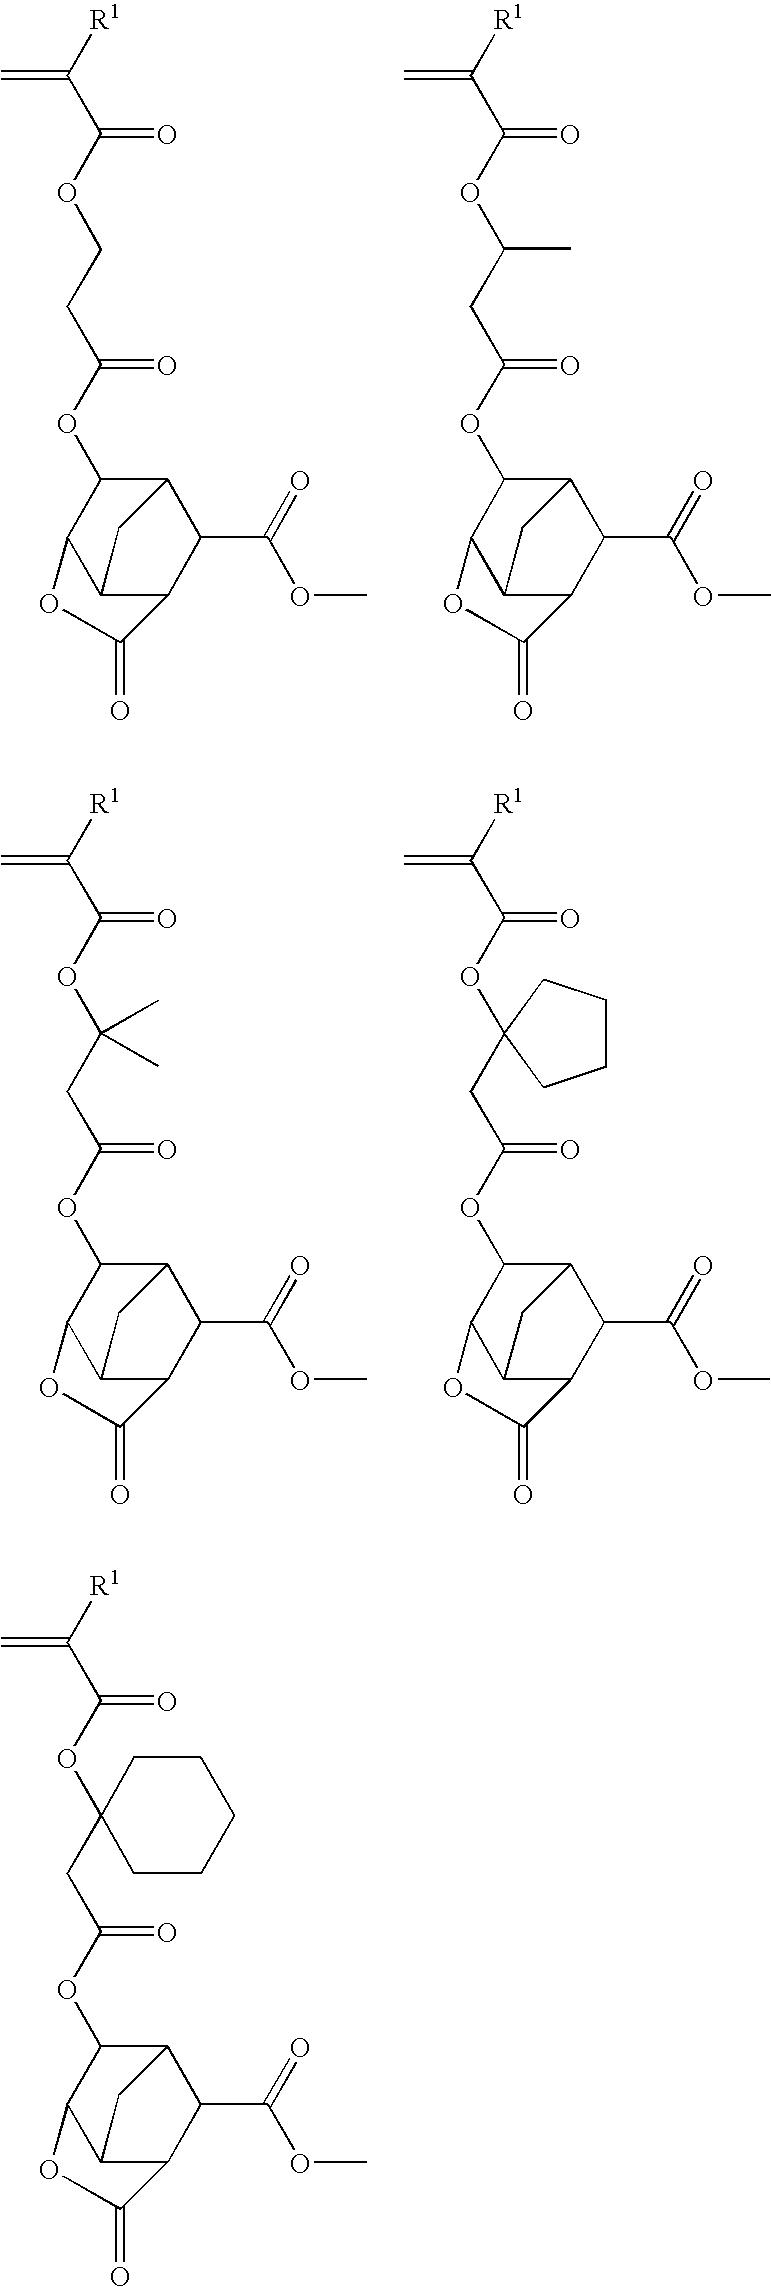 Figure US20080026331A1-20080131-C00017